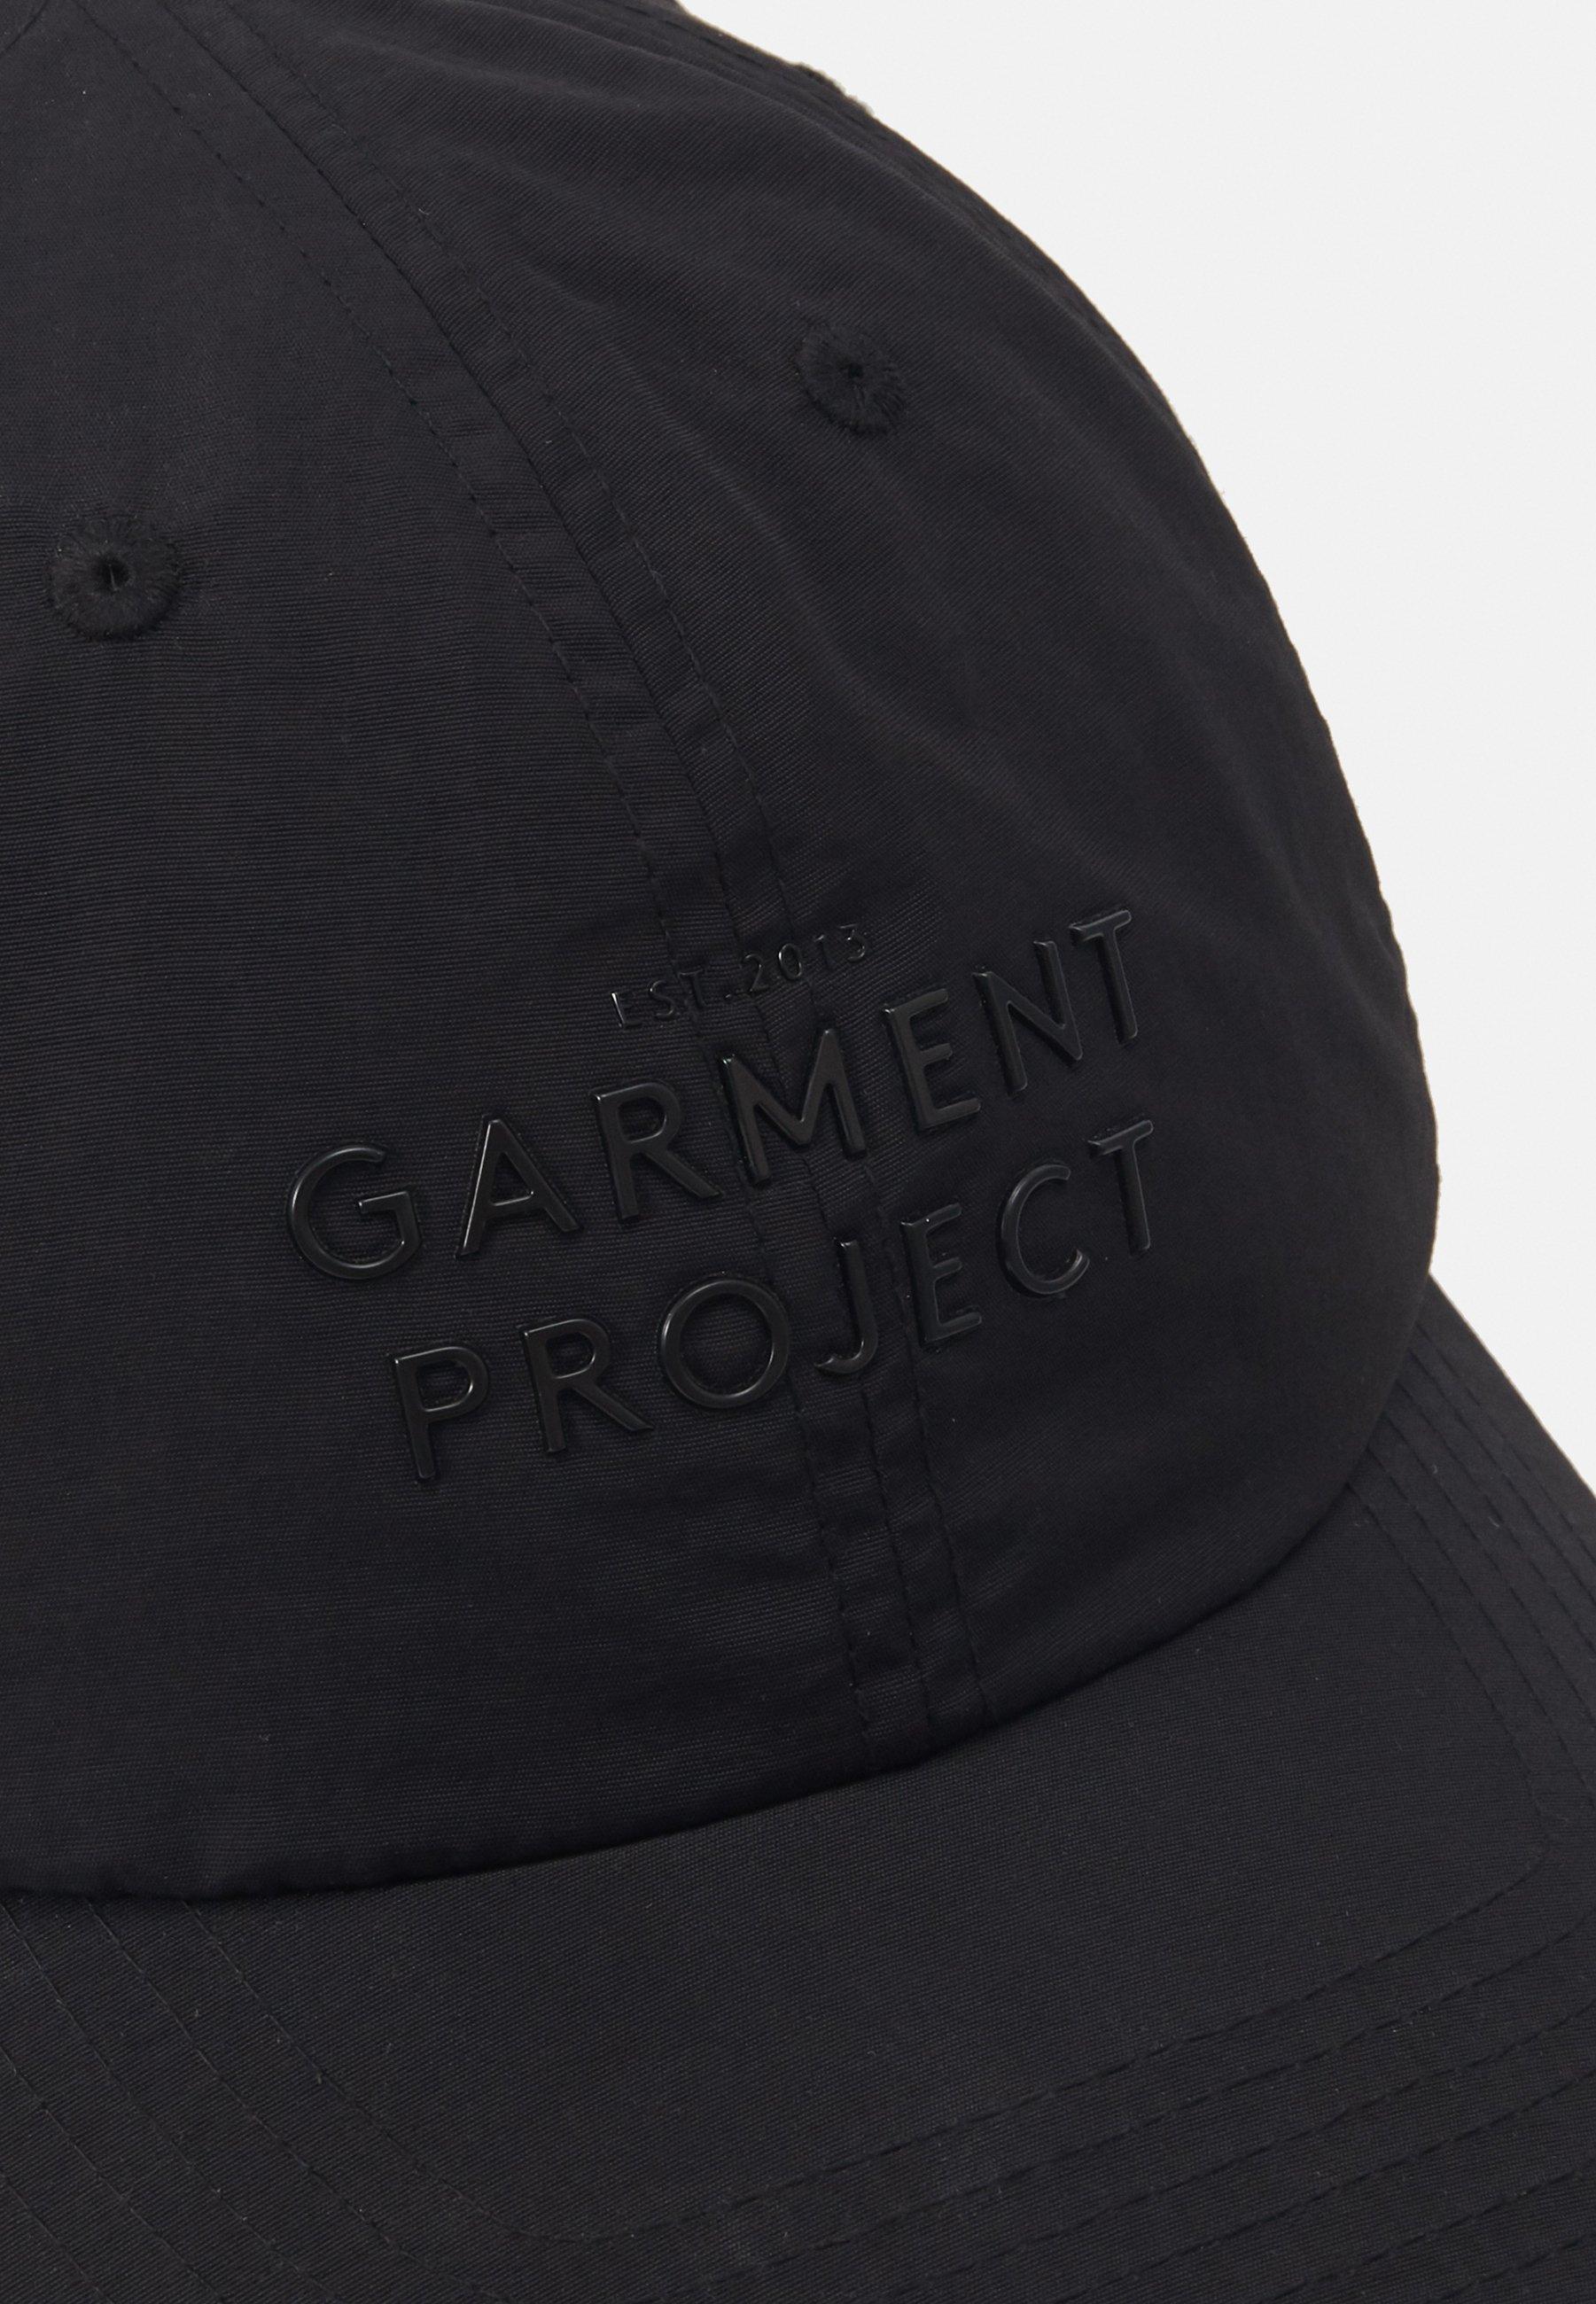 GARMENT PROJECT LOGO CAP - Cap - black/svart kp8jHaYYVdTBOVV